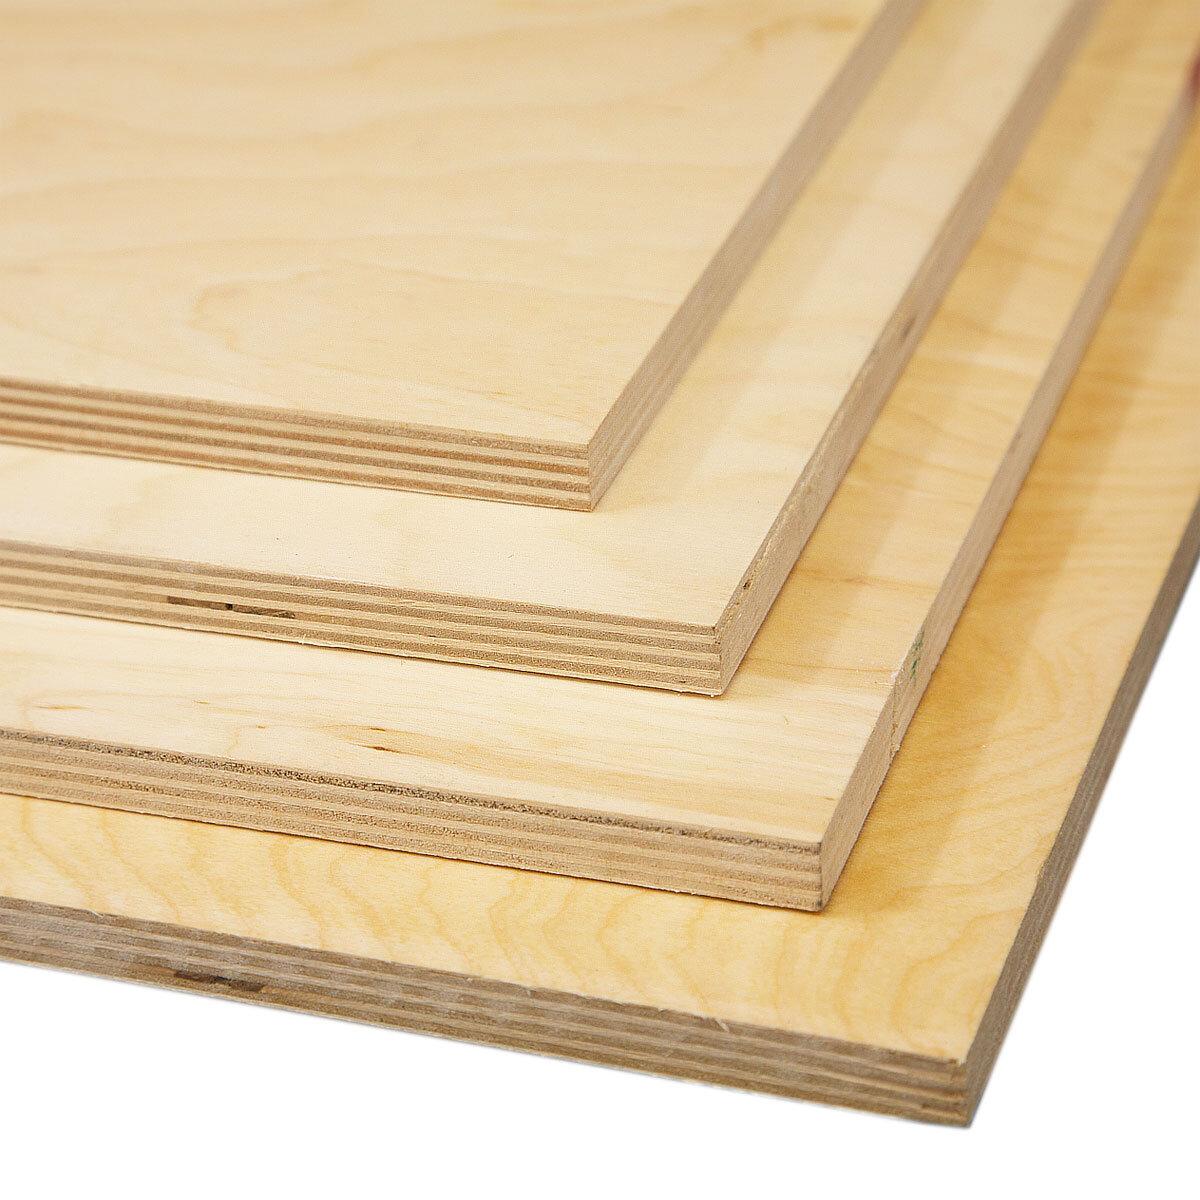 Hardwood plywood image argo fine imports